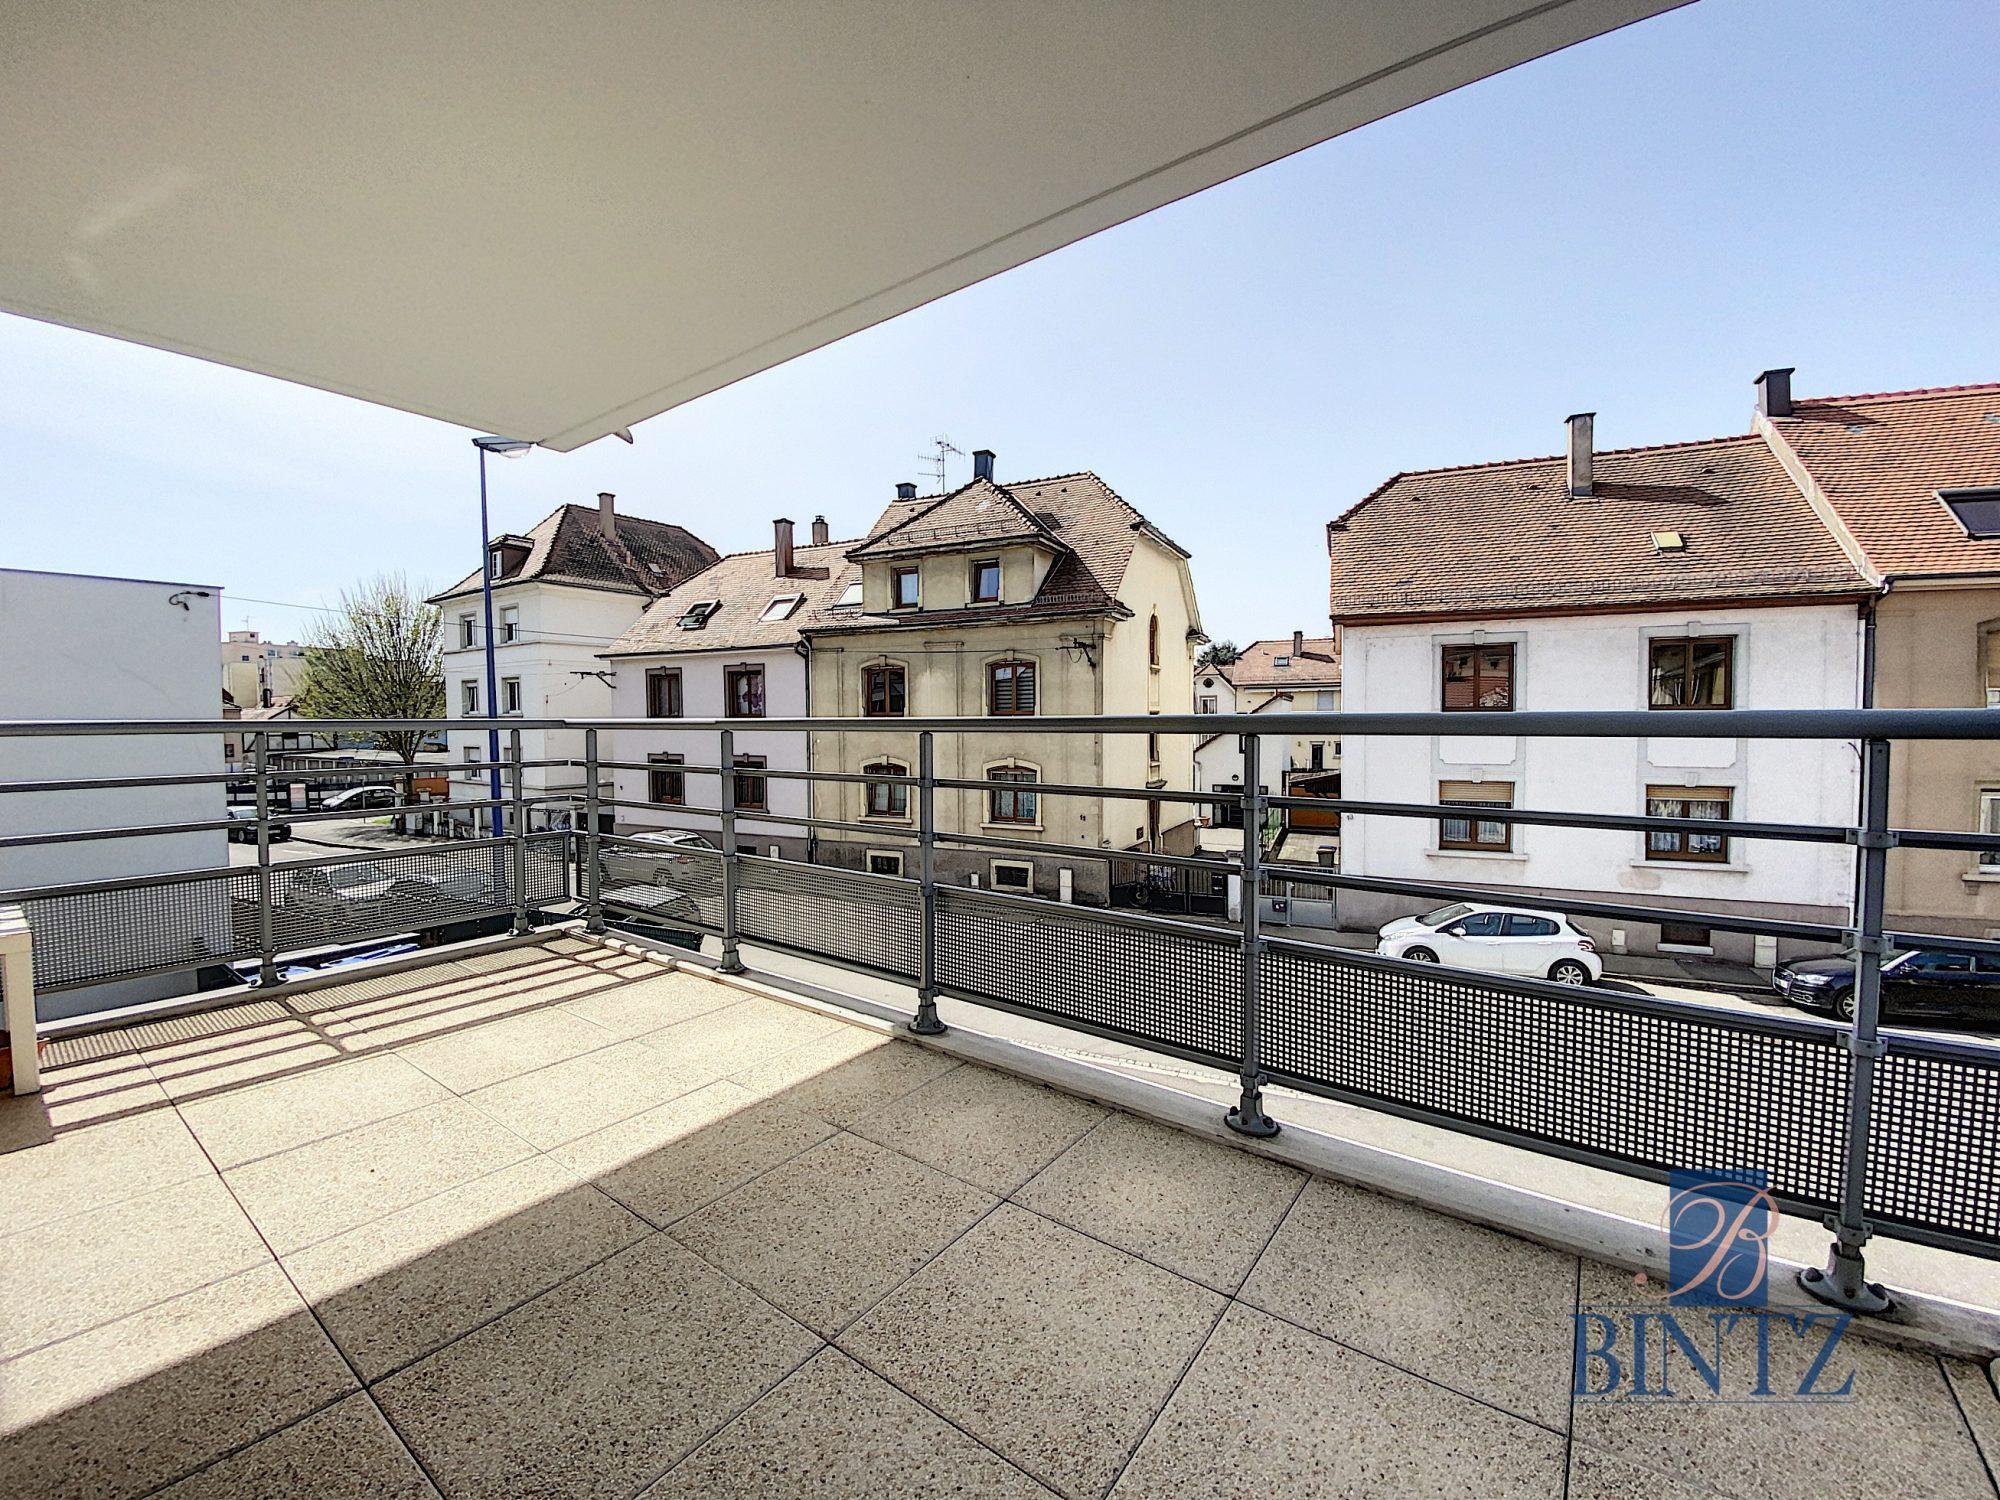 3 pièces neuf avec terrasse Schiltigheim - Devenez propriétaire en toute confiance - Bintz Immobilier - 3